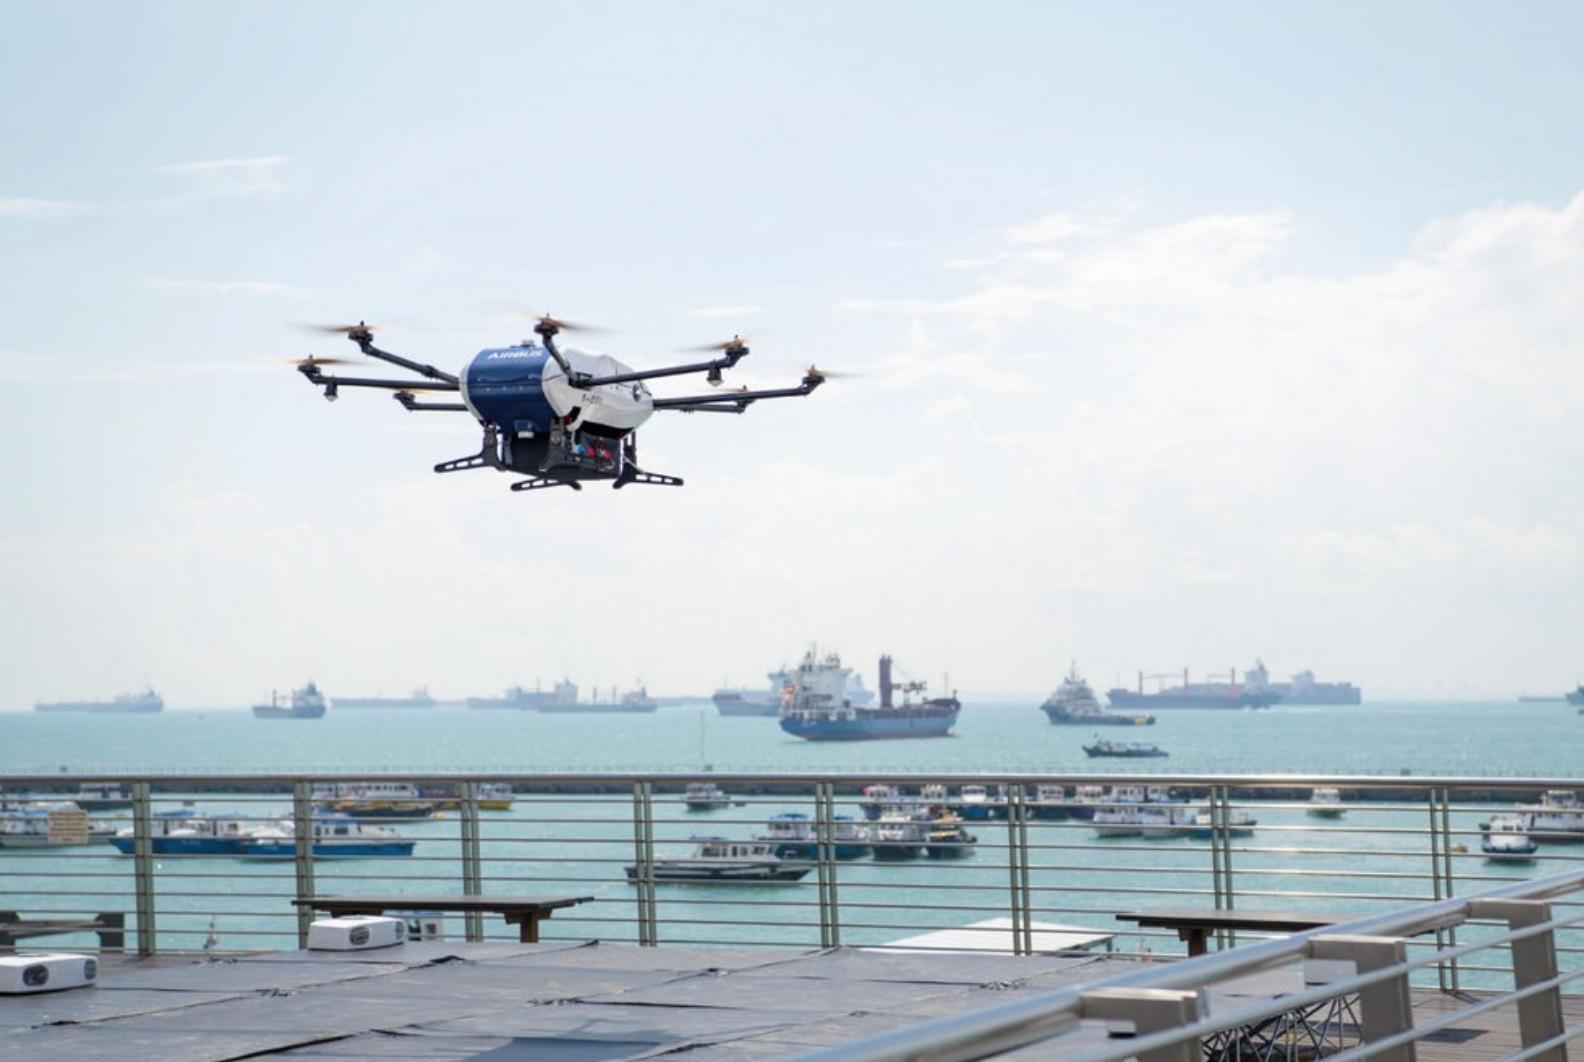 空客无人机为海上船舶运送首批包裹 只花10分钟